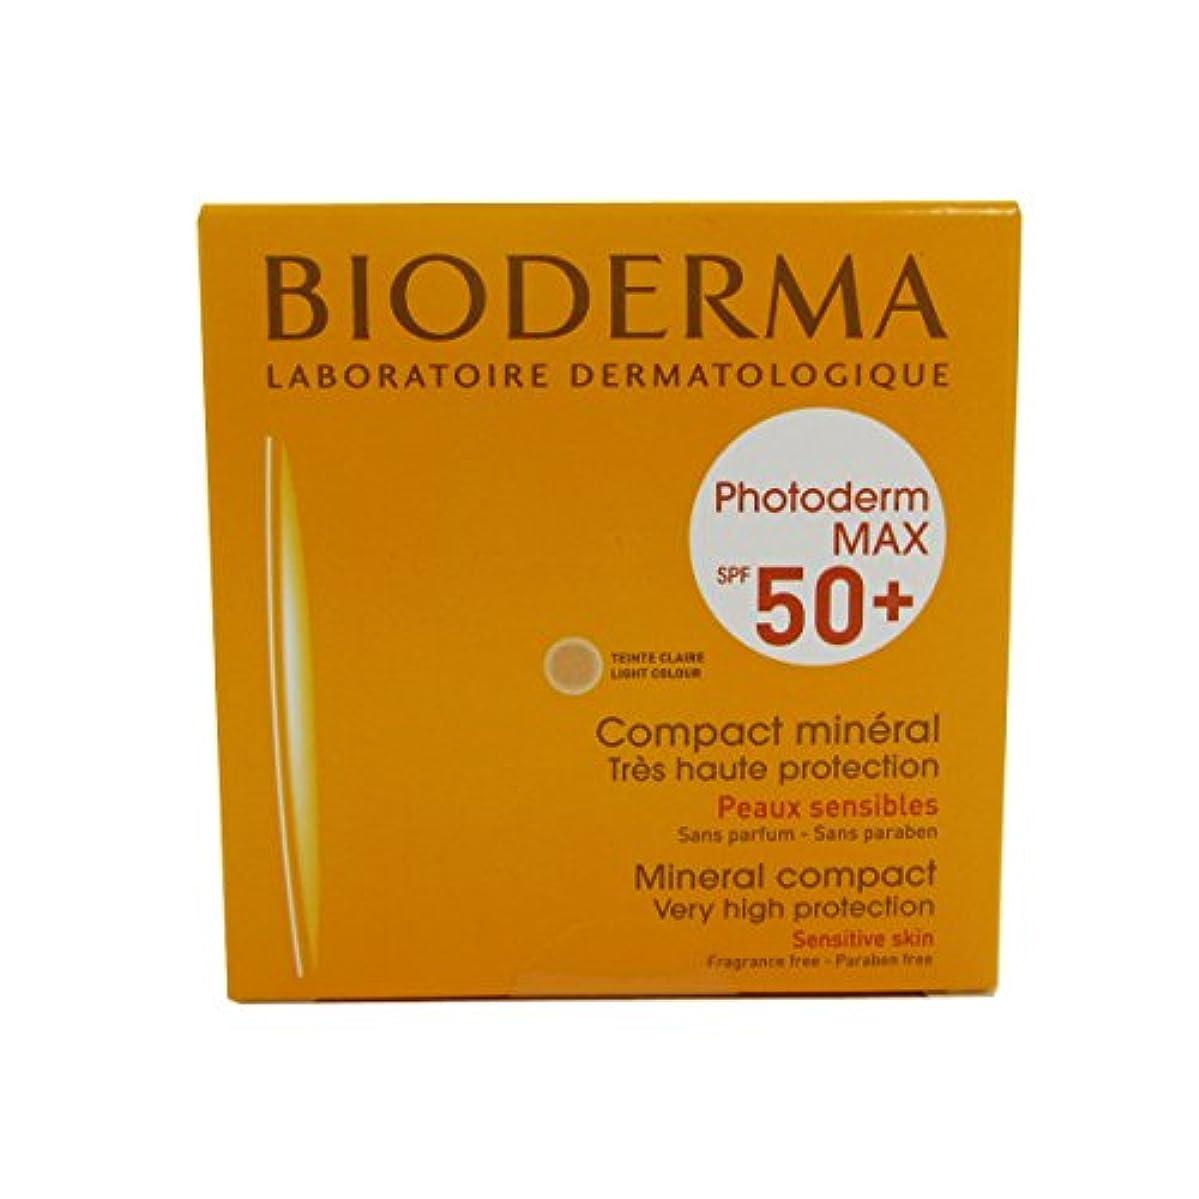 ひそかに貸し手到着するBioderma Photoderm Max Compact Mineral 50+ Light 10g [並行輸入品]